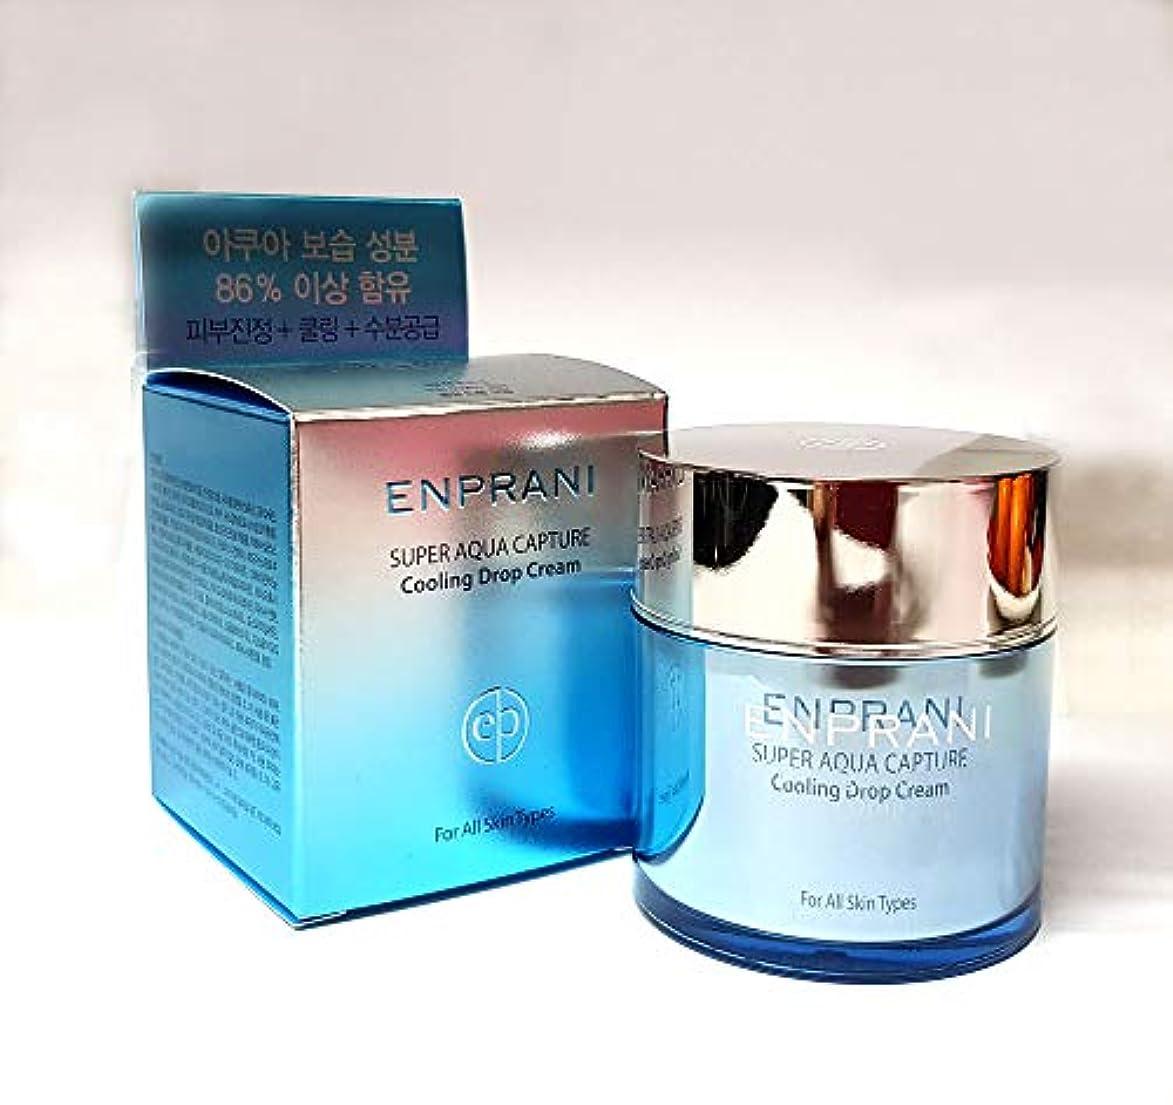 ウィスキー句柔らかさ[ENPRANI] スーパーアクアキャプチャクーリングドロップクリーム50ml/Super Aqua Capture Cooling Drop Cream 50ml/スージング、皮脂及び毛穴管理、保湿/Soothing,...